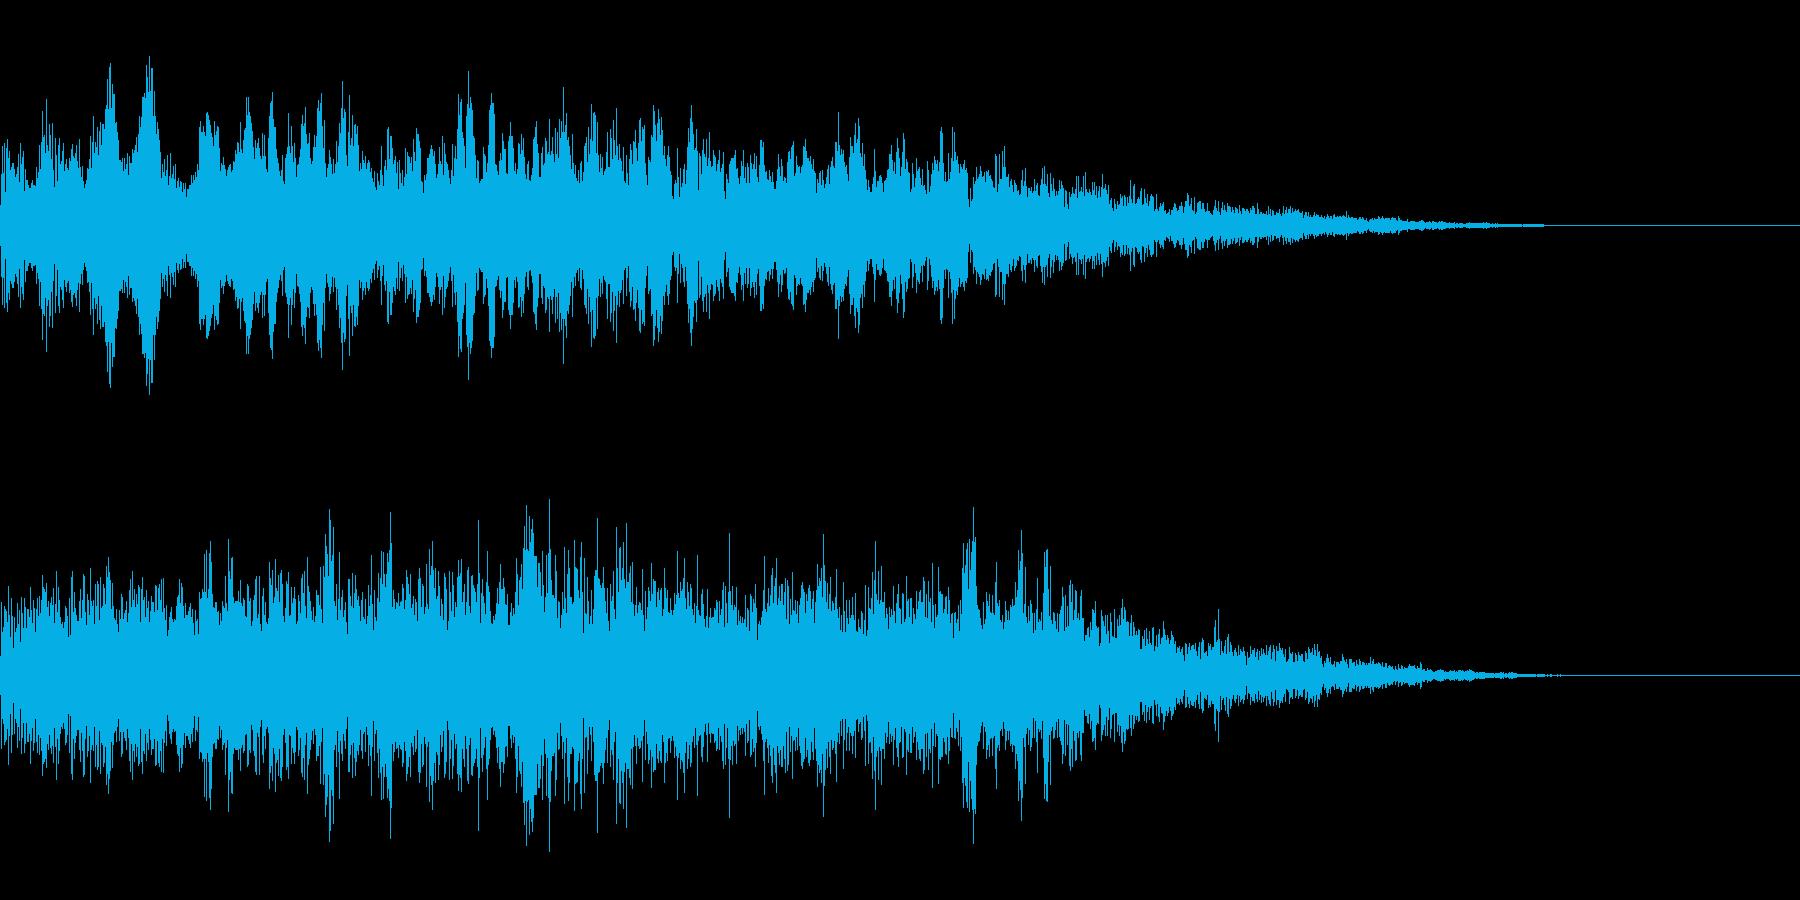 怪奇現象系アイキャッチの再生済みの波形